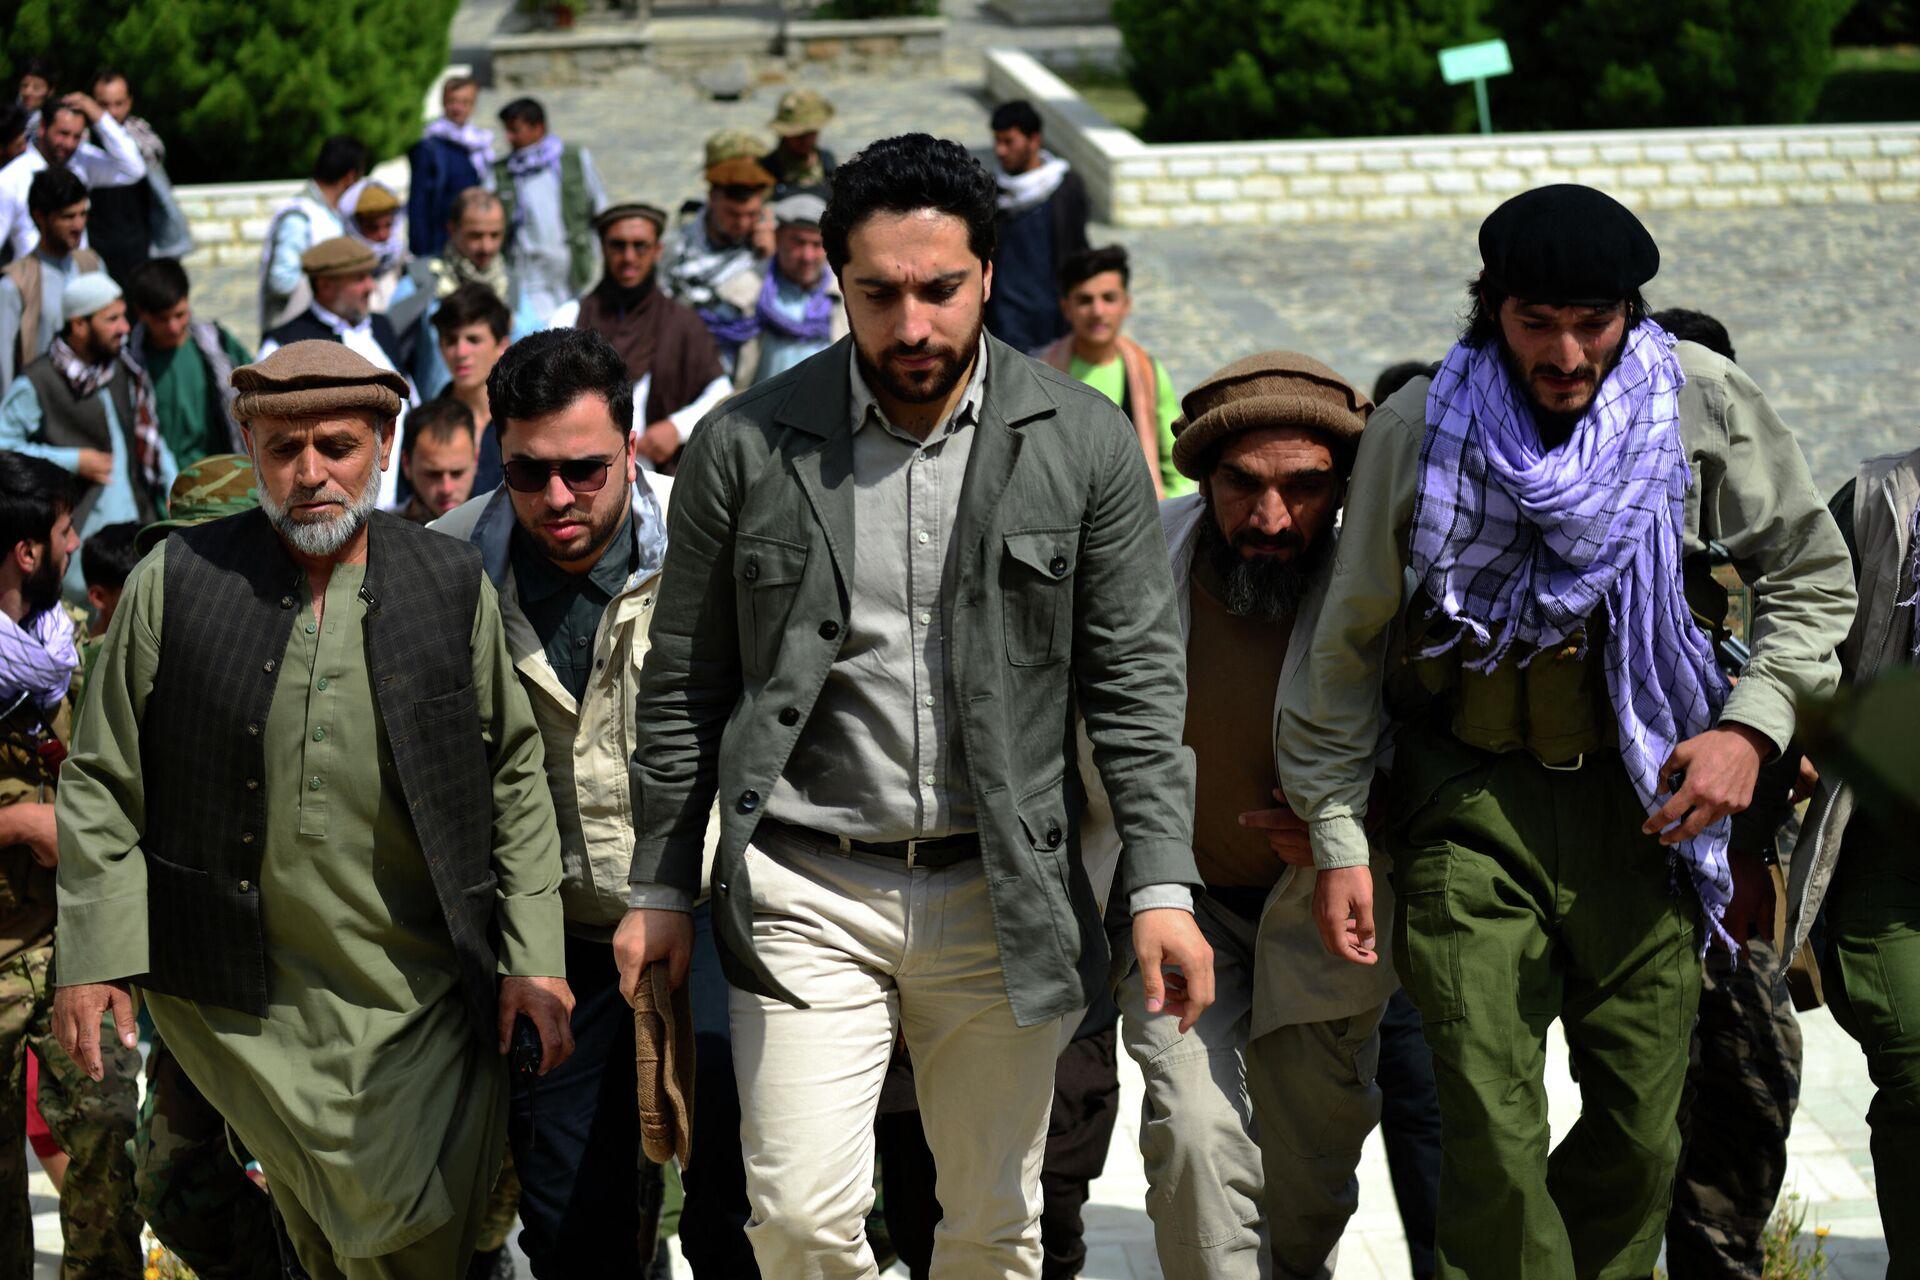 Ahmad Masud (centro), hijo del guerrillero afgano Ahmad Shah Masud, conocido como 'el león de Panshir', acude a la tumba de su padre en Panshir (Afganistán), el 5 de julio del 2021 - Sputnik Mundo, 1920, 20.08.2021